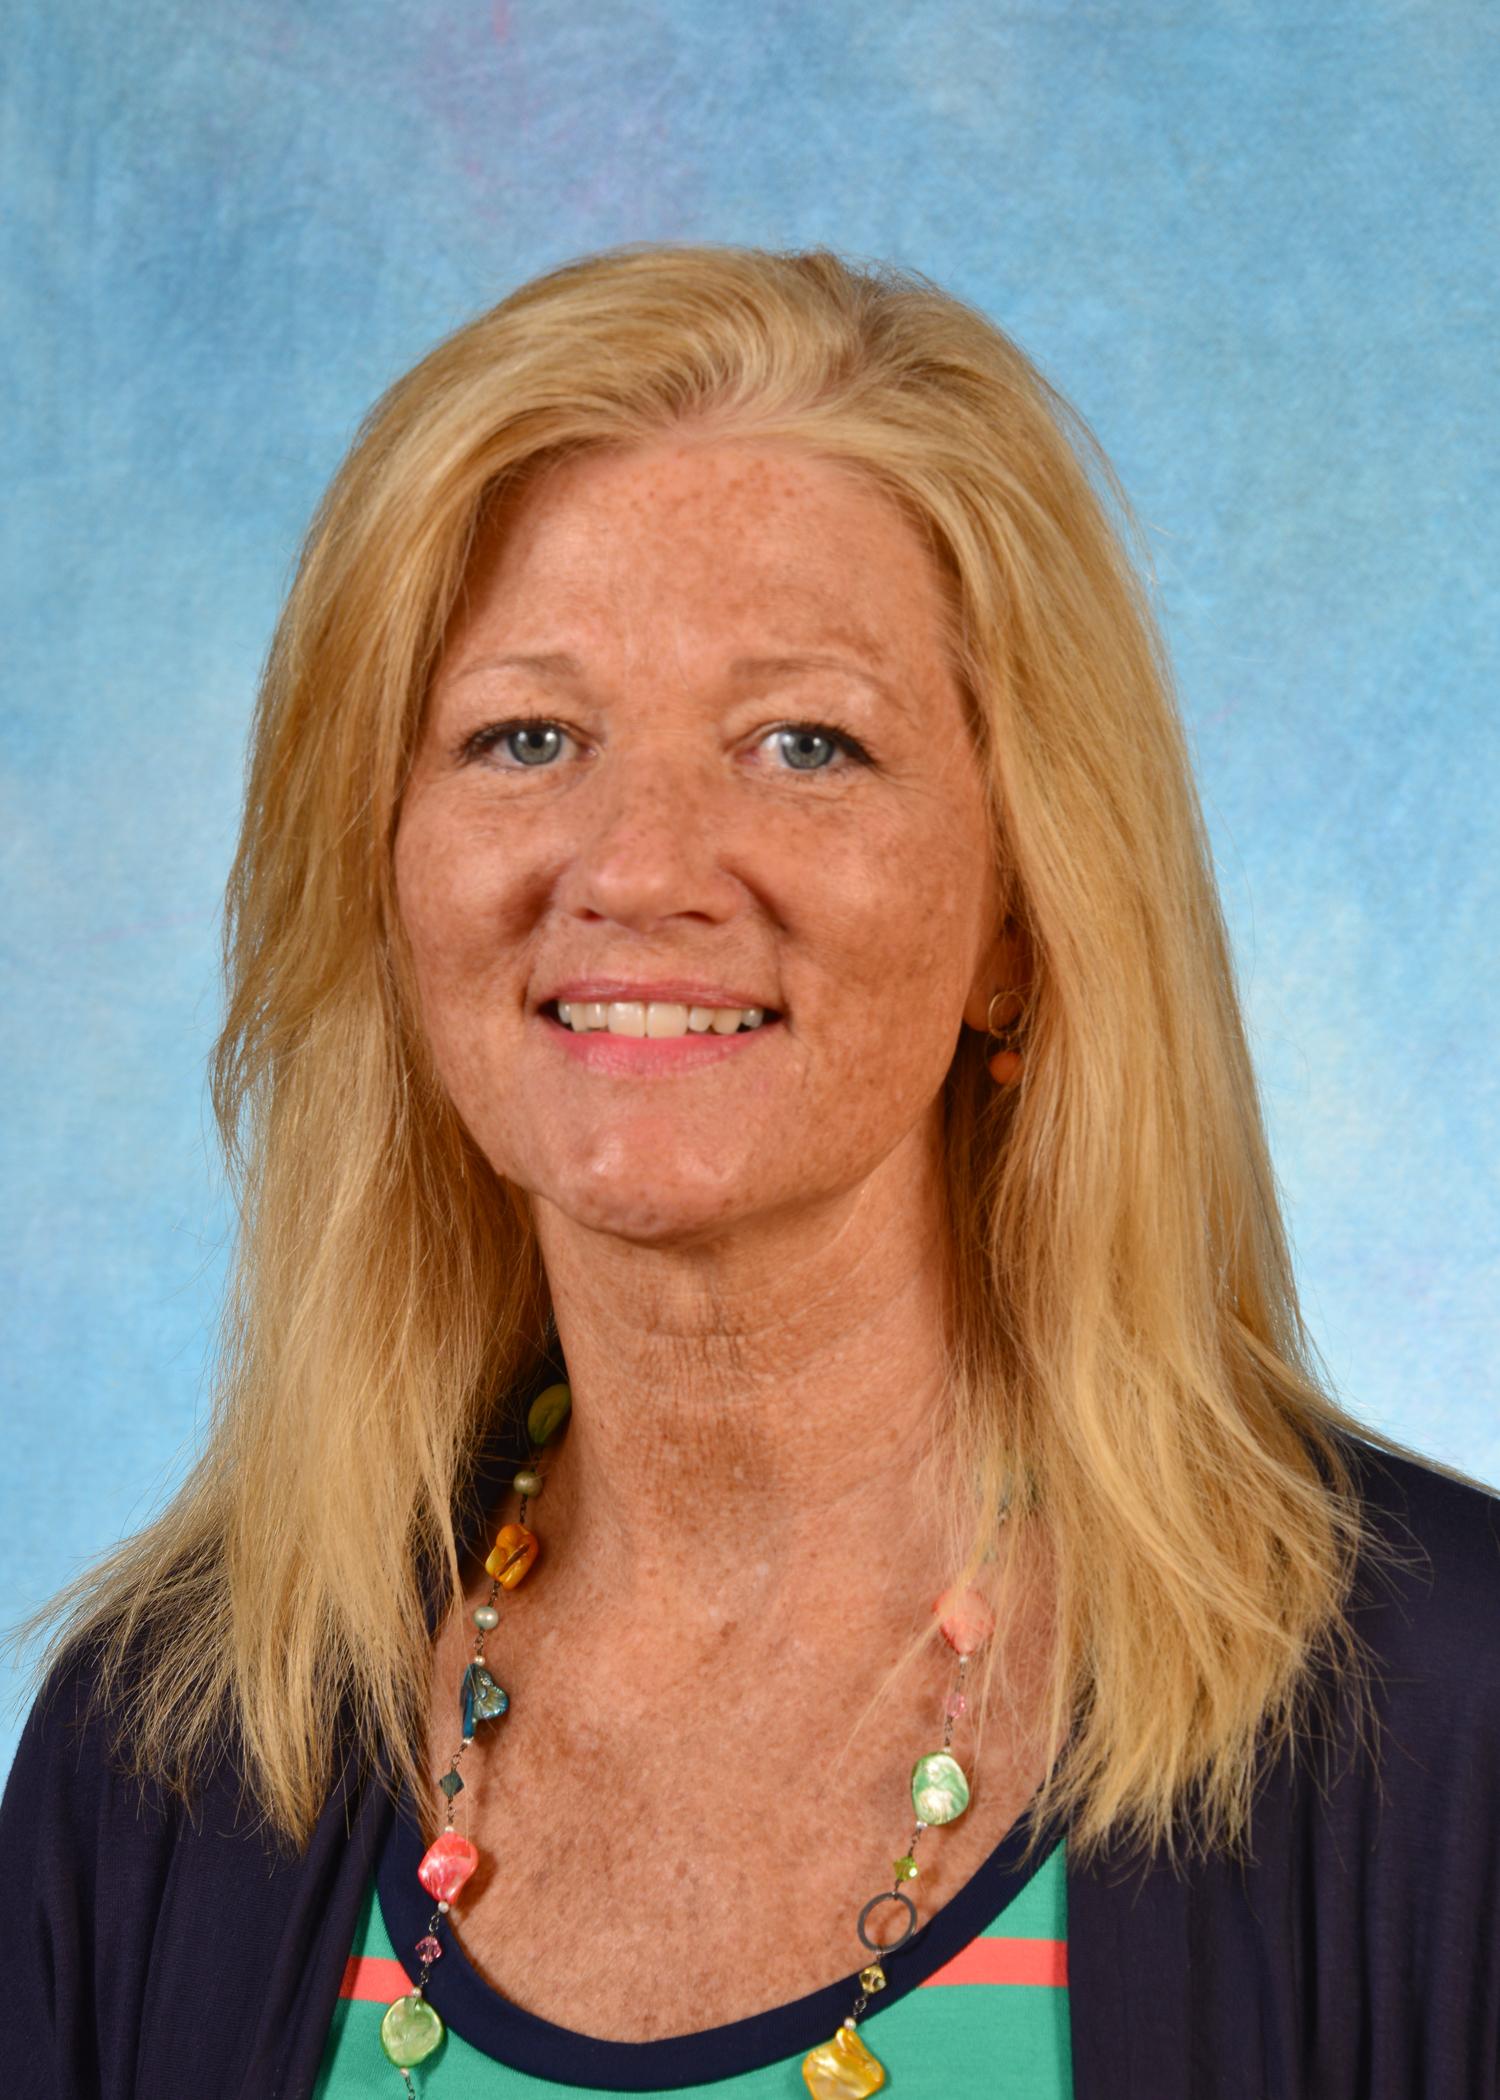 jill secrecy greenville teacch center director